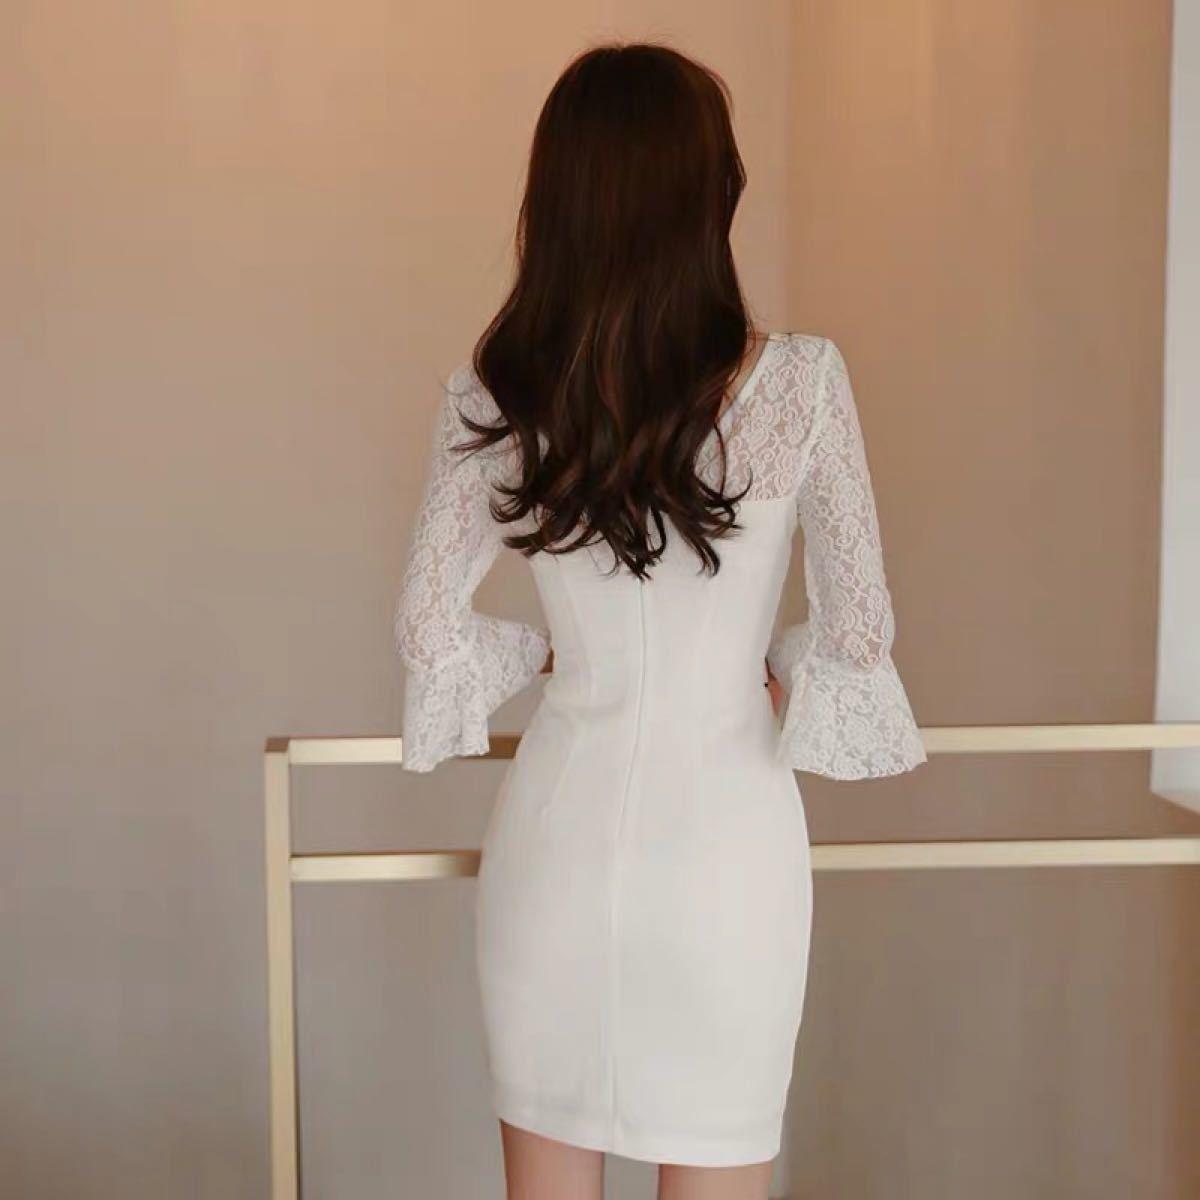 ワンピースドレス タイトワンピース  膝上丈 セクシー 韓国ファッションc704